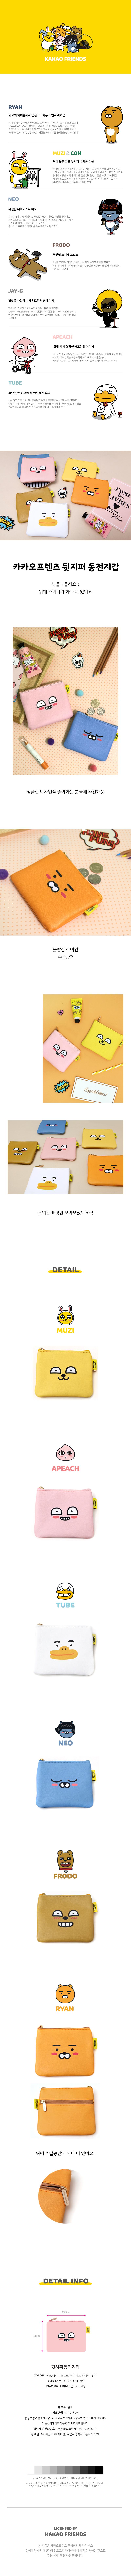 KAKAO FRIENDS 카카오프렌즈 뒷지퍼 동전지갑 파우치 - 펜스테이션, 9,000원, 동전지갑, 지퍼형